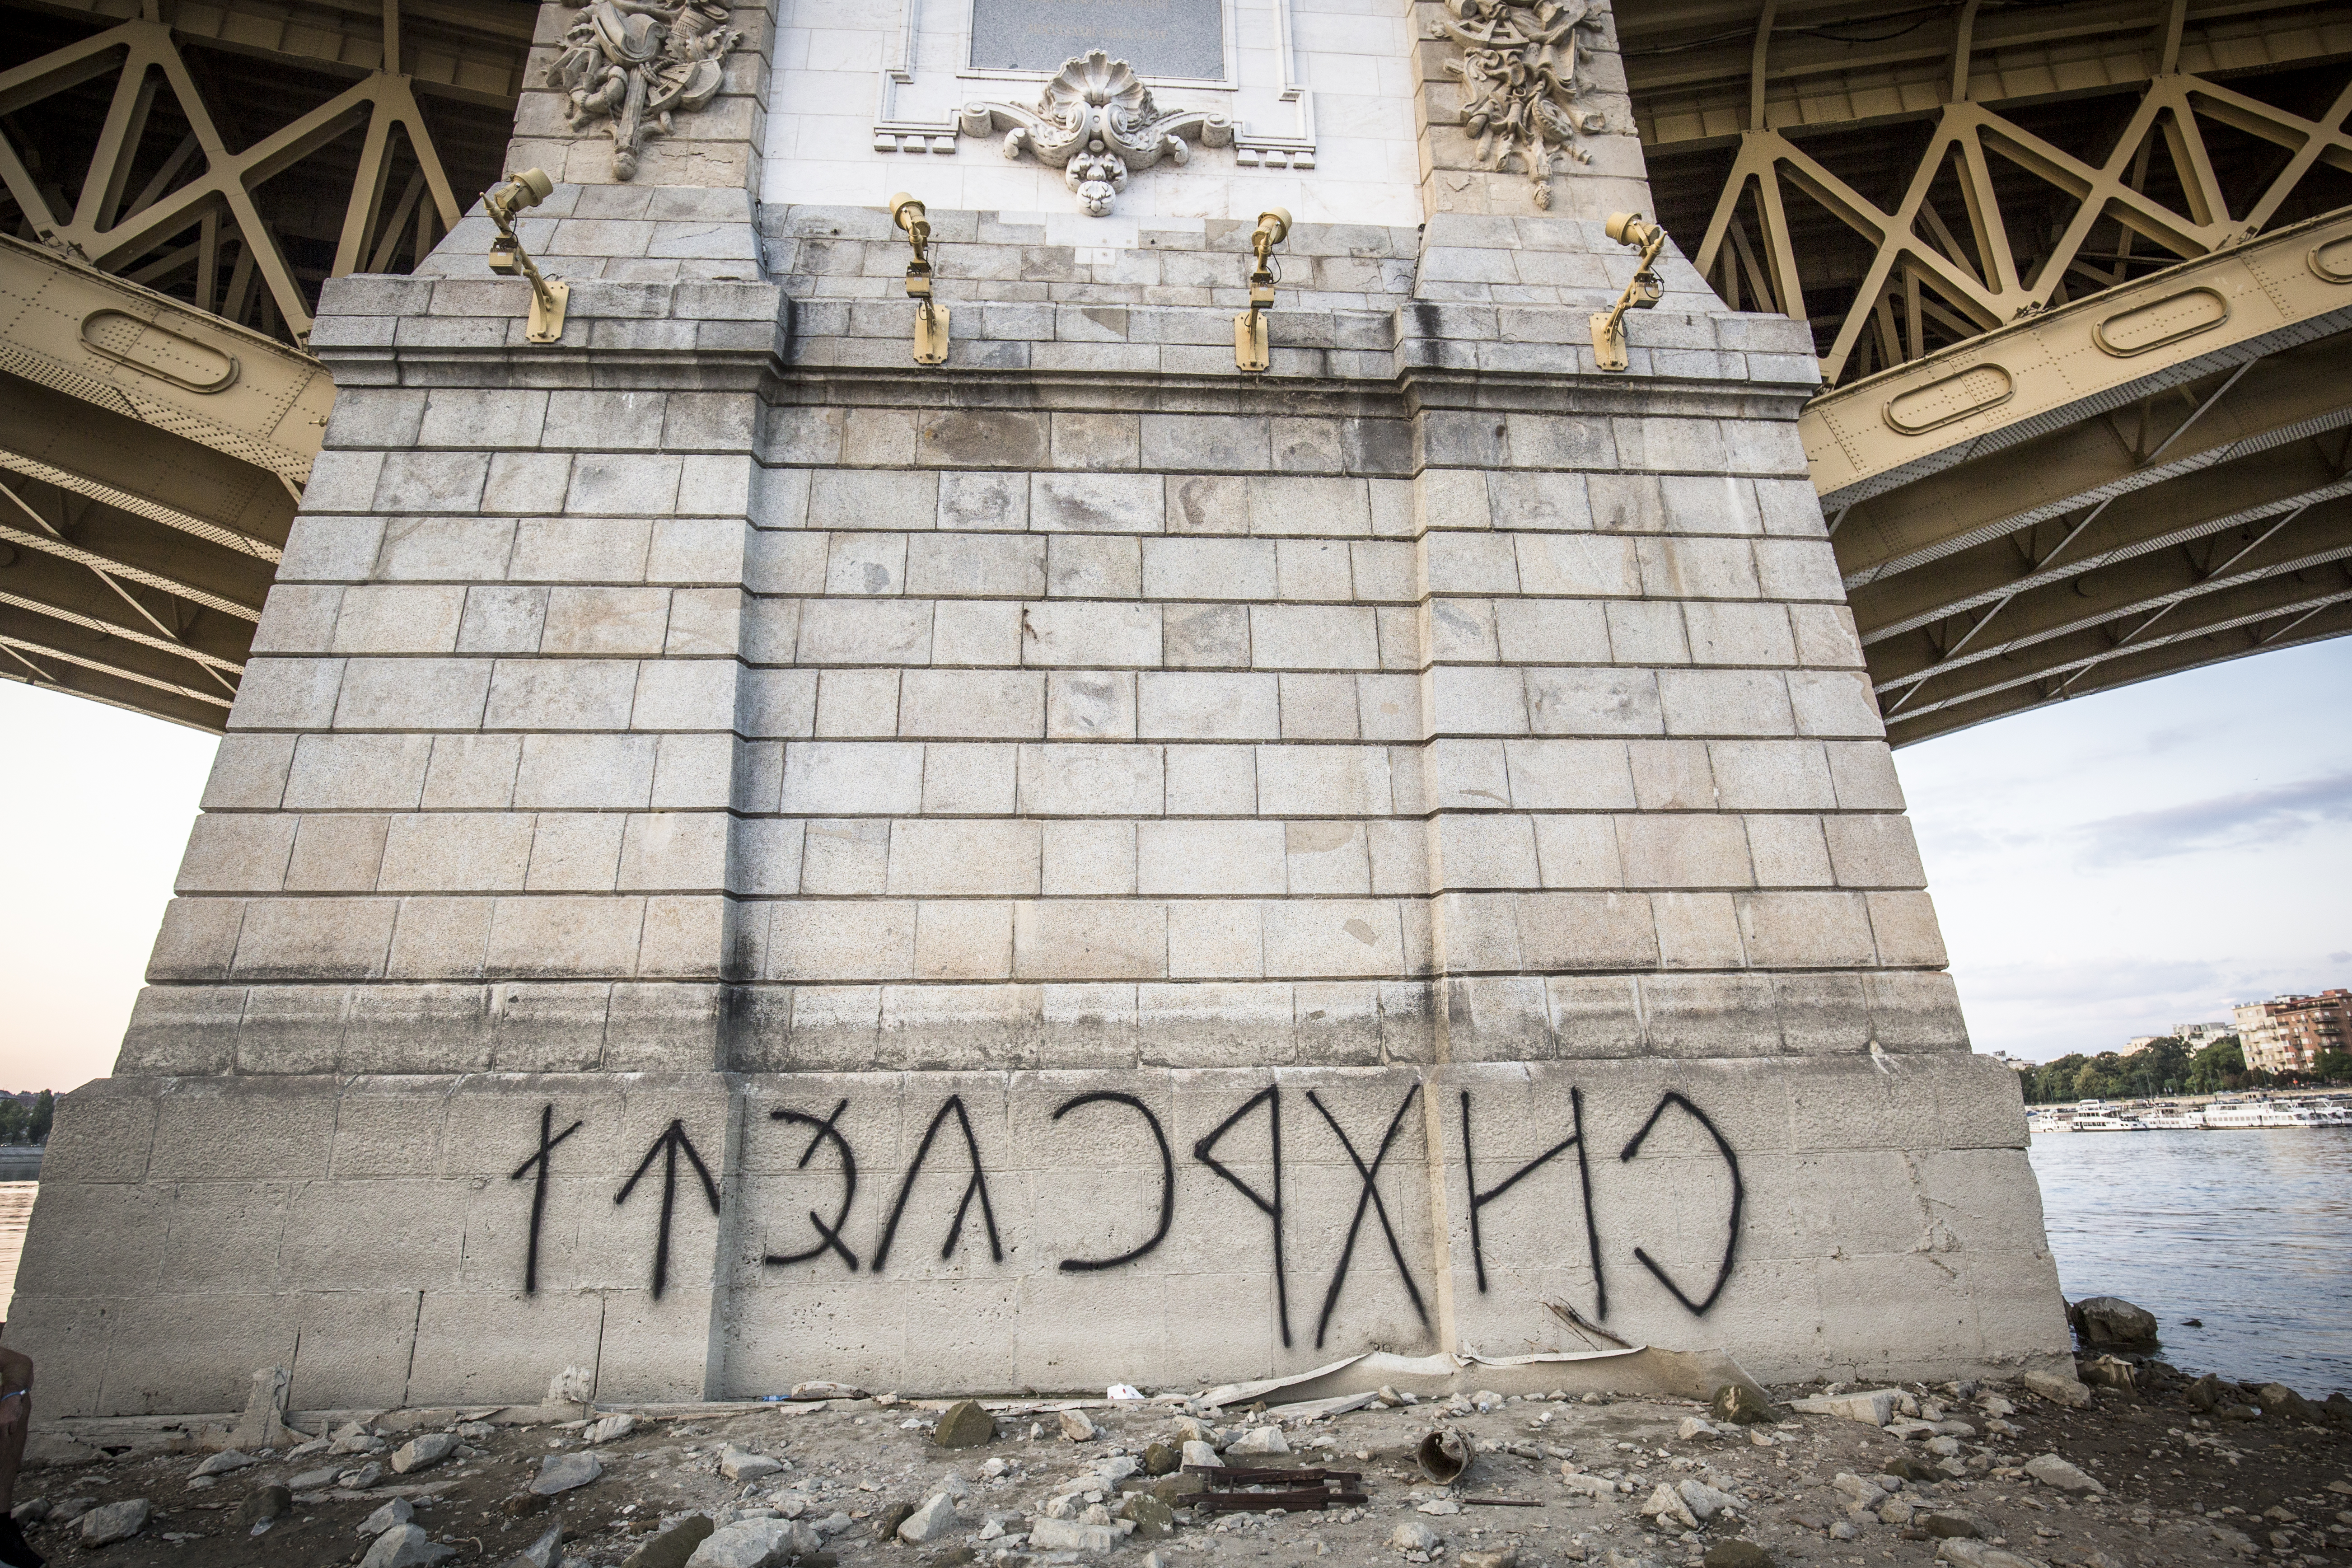 Kiderült, miért mossák le szinte rögtön, ha valaki felírja a falra, hogy Orbán egy geci